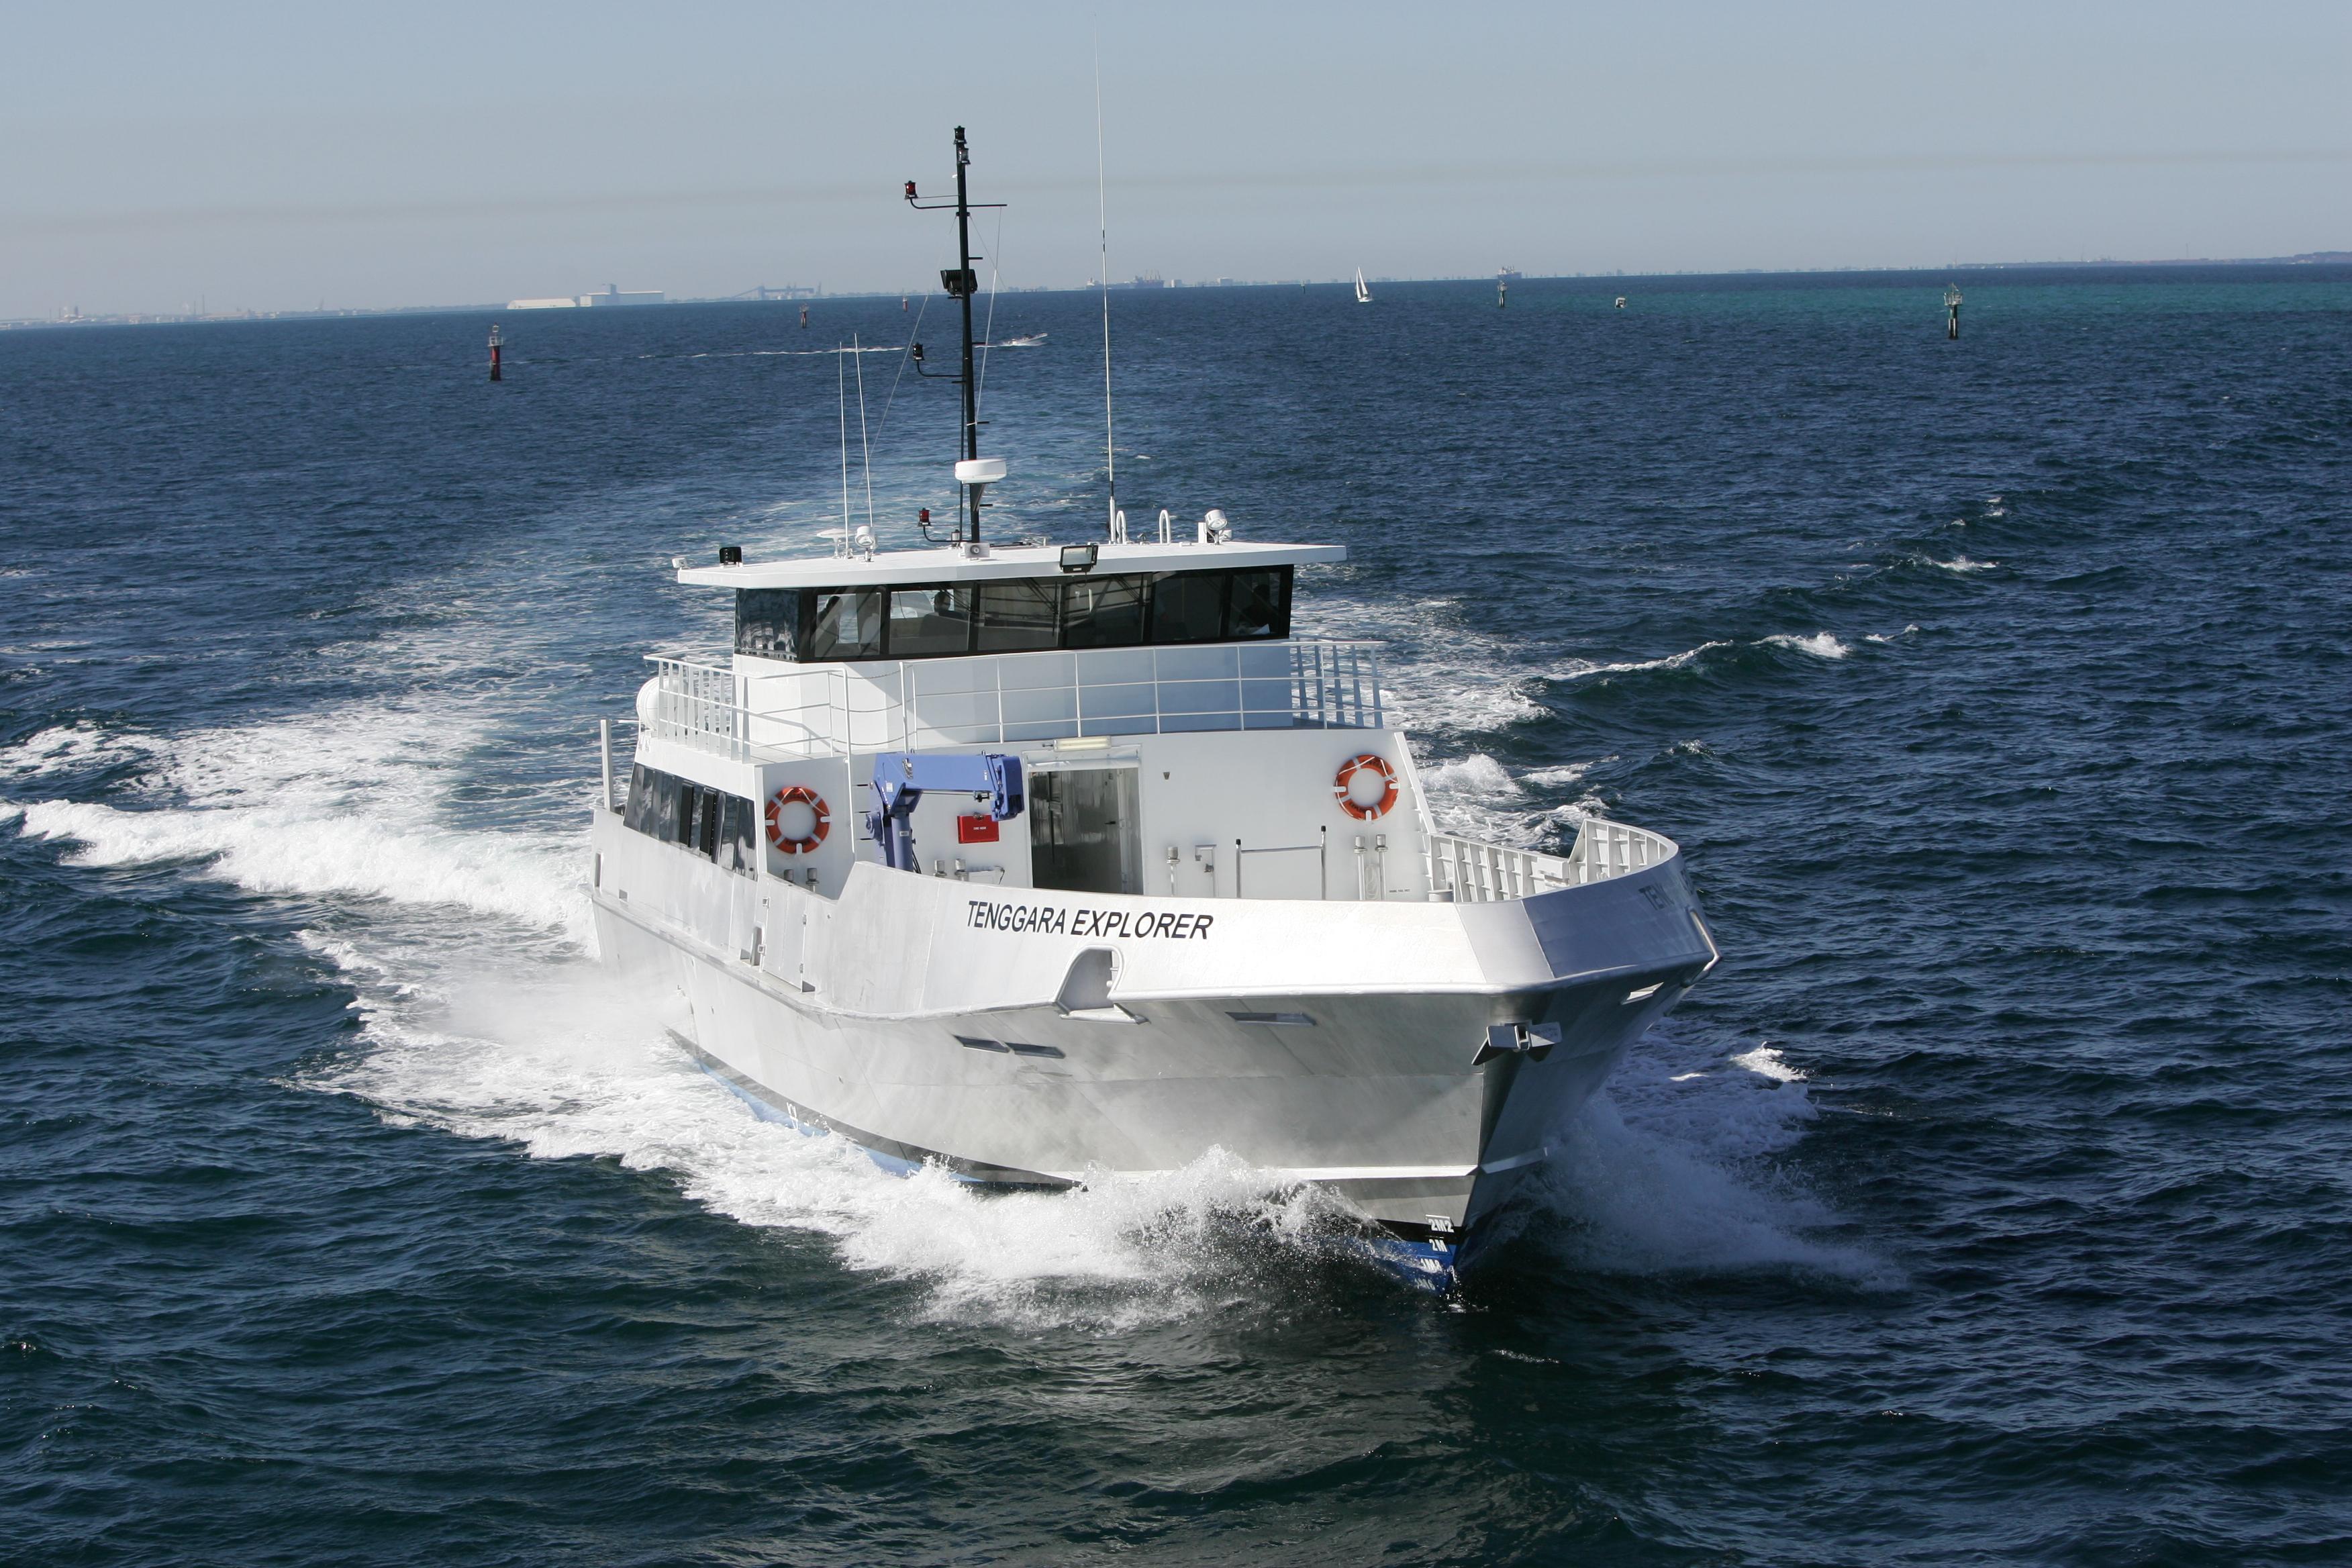 tenggara explorer utility boat